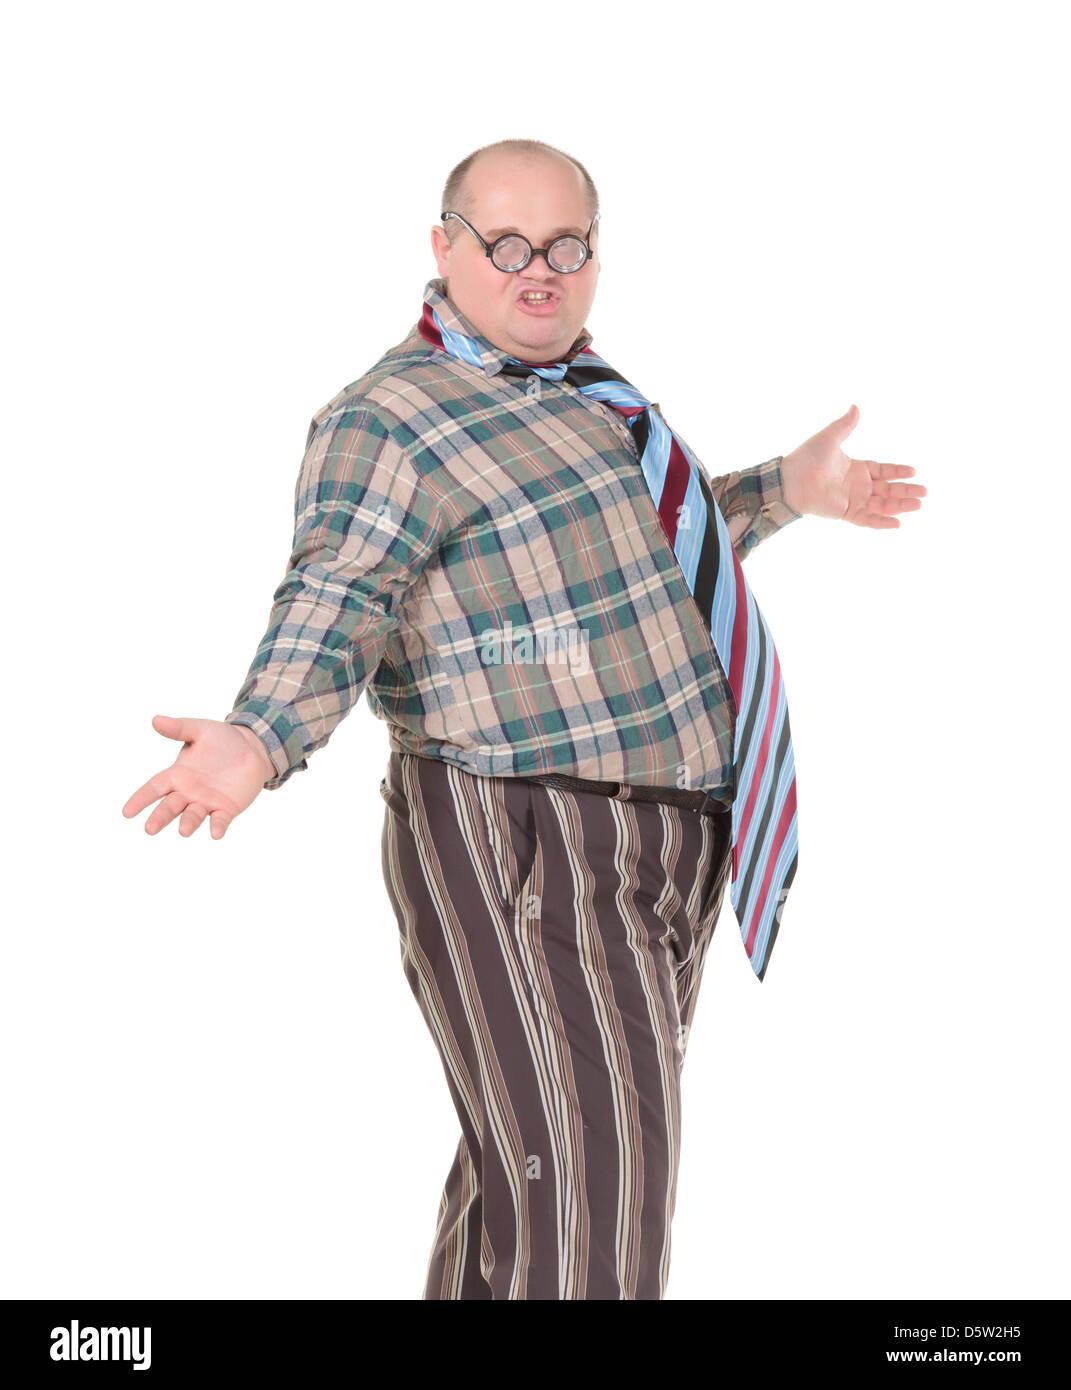 L'homme obèse avec un sens de la mode Photo Stock